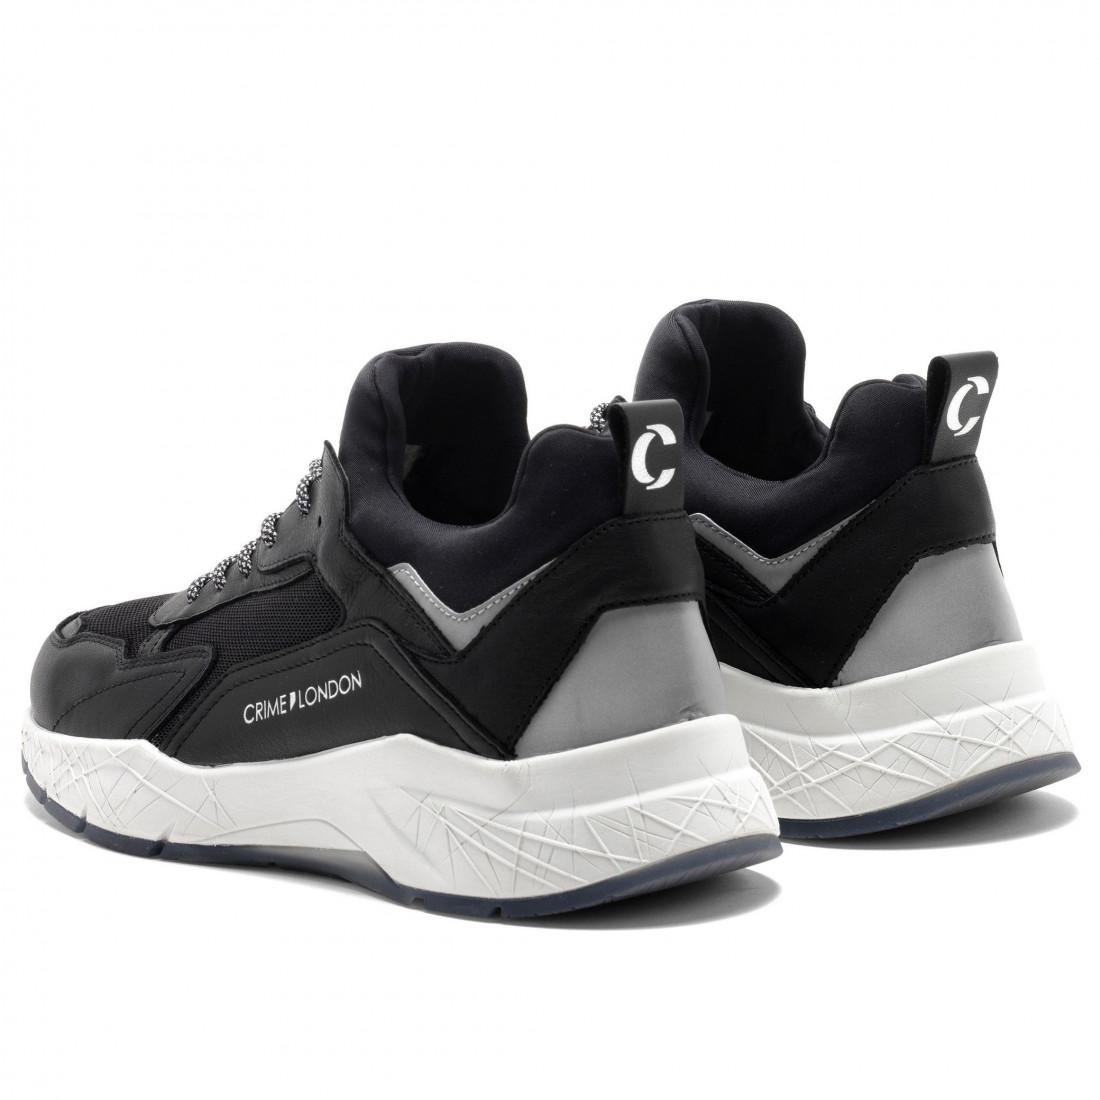 sneakers herren crime london 1105320 5025